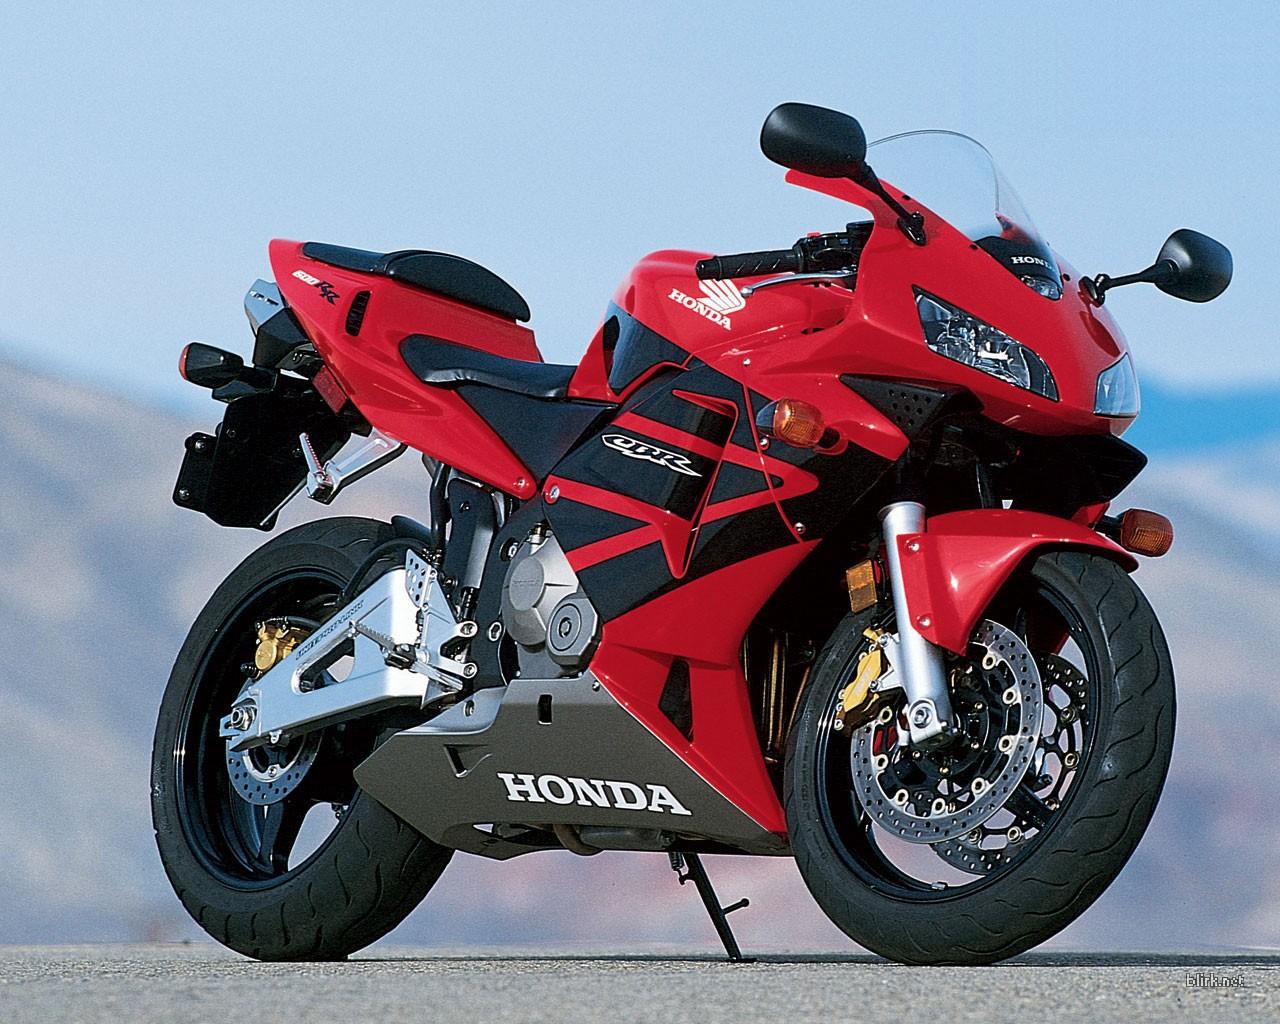 Honda cbr 600rr price in india